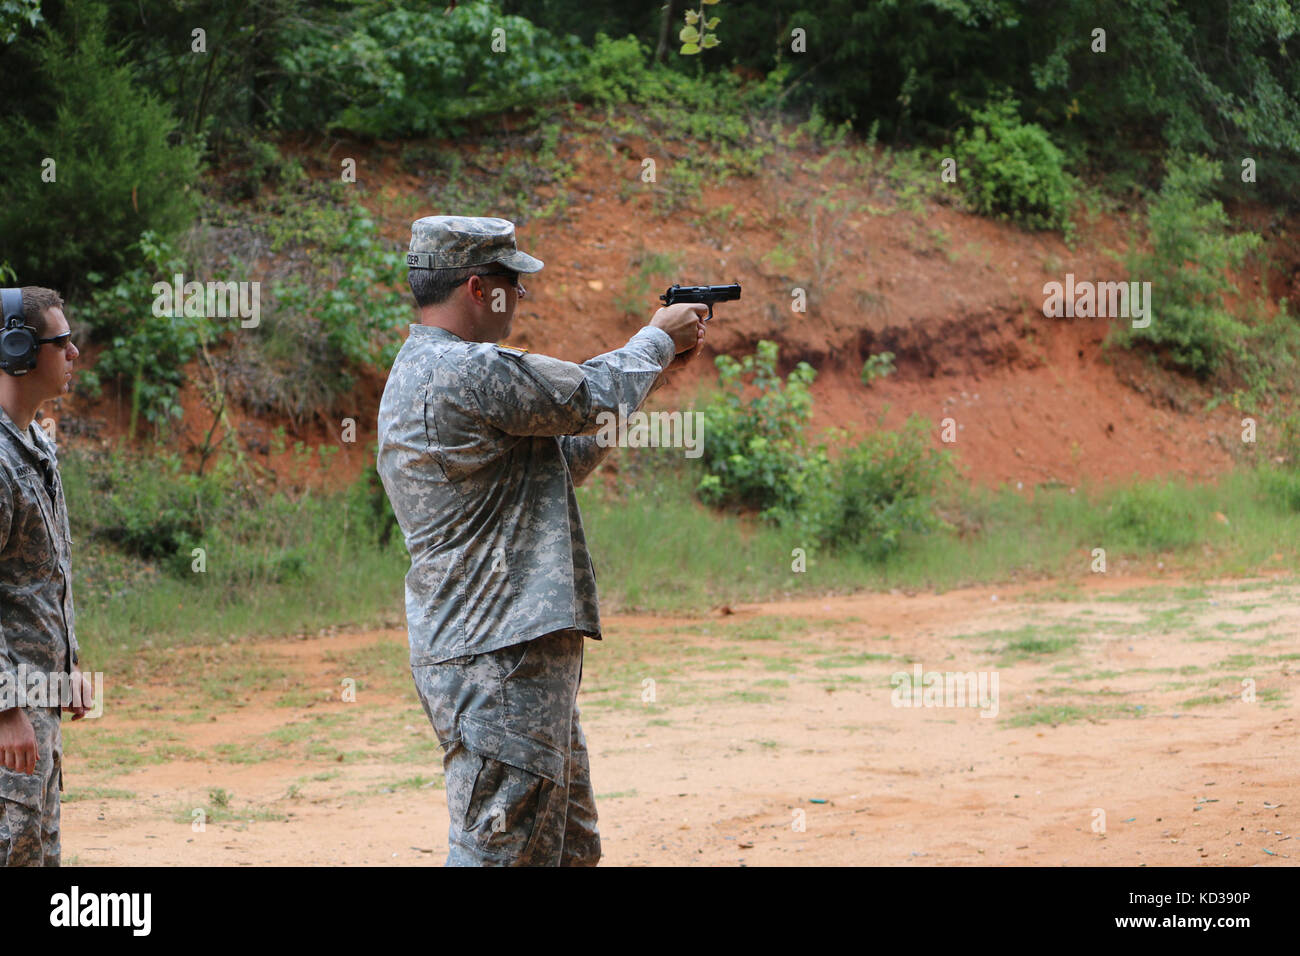 Army Emit Test For Buspar